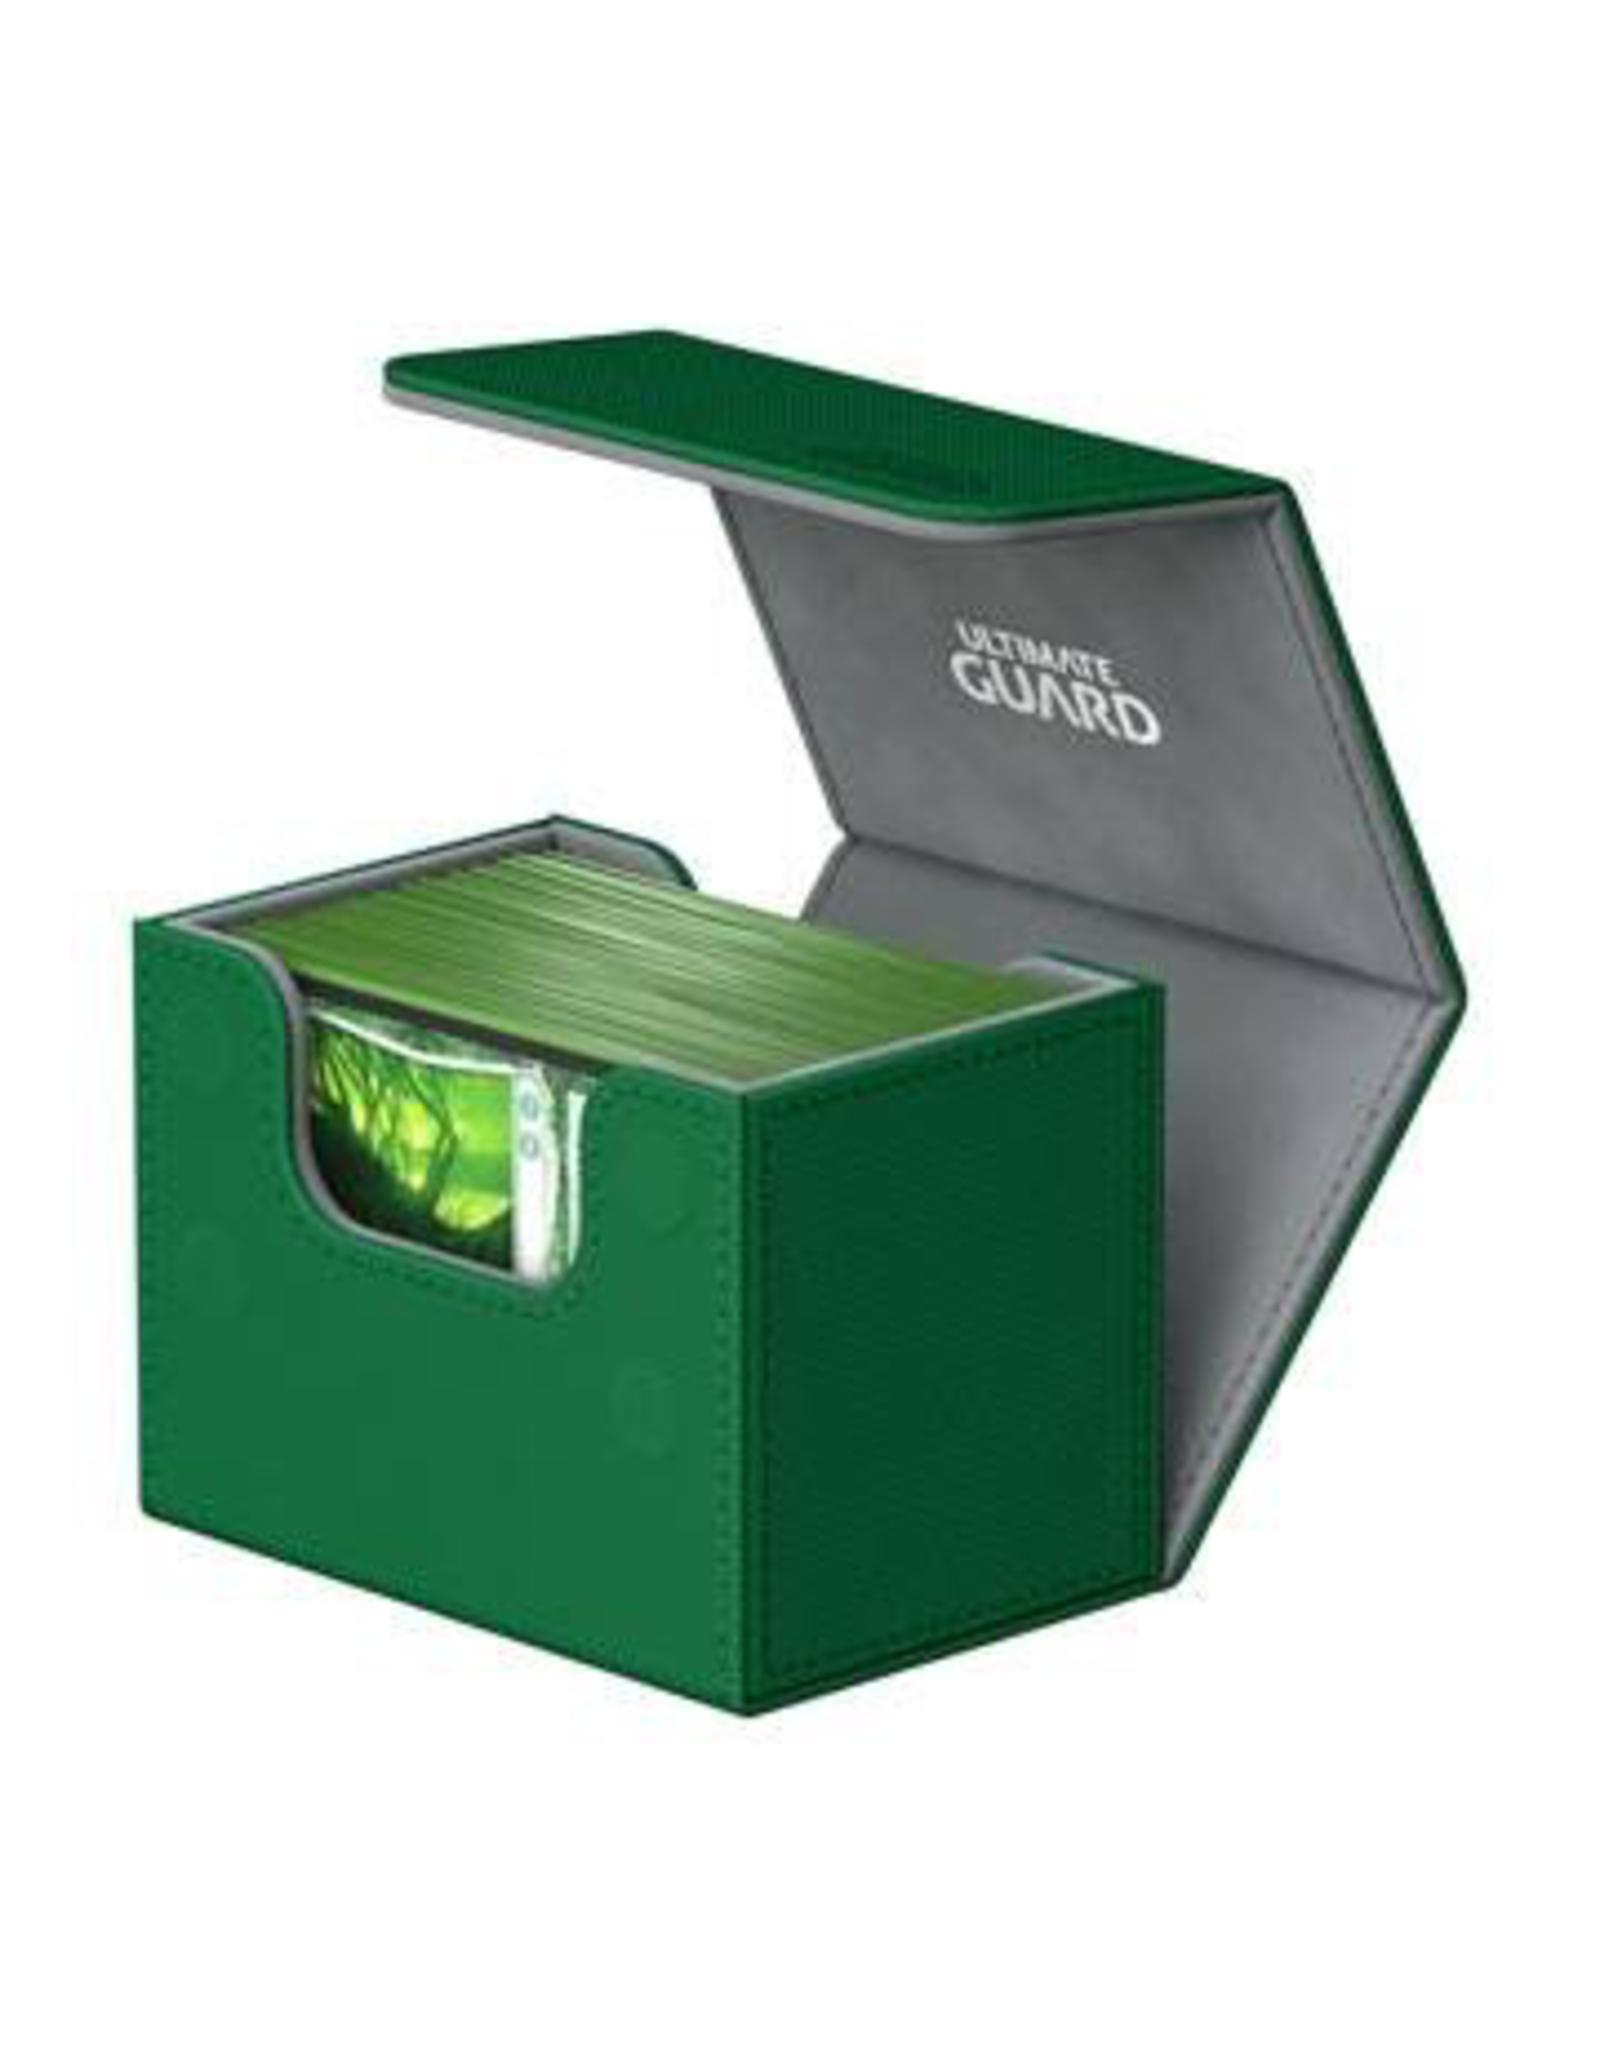 UG - Deckboxen Ultimate Guard Sidewinder 80+ Standardgrösse XenoSkin Grün